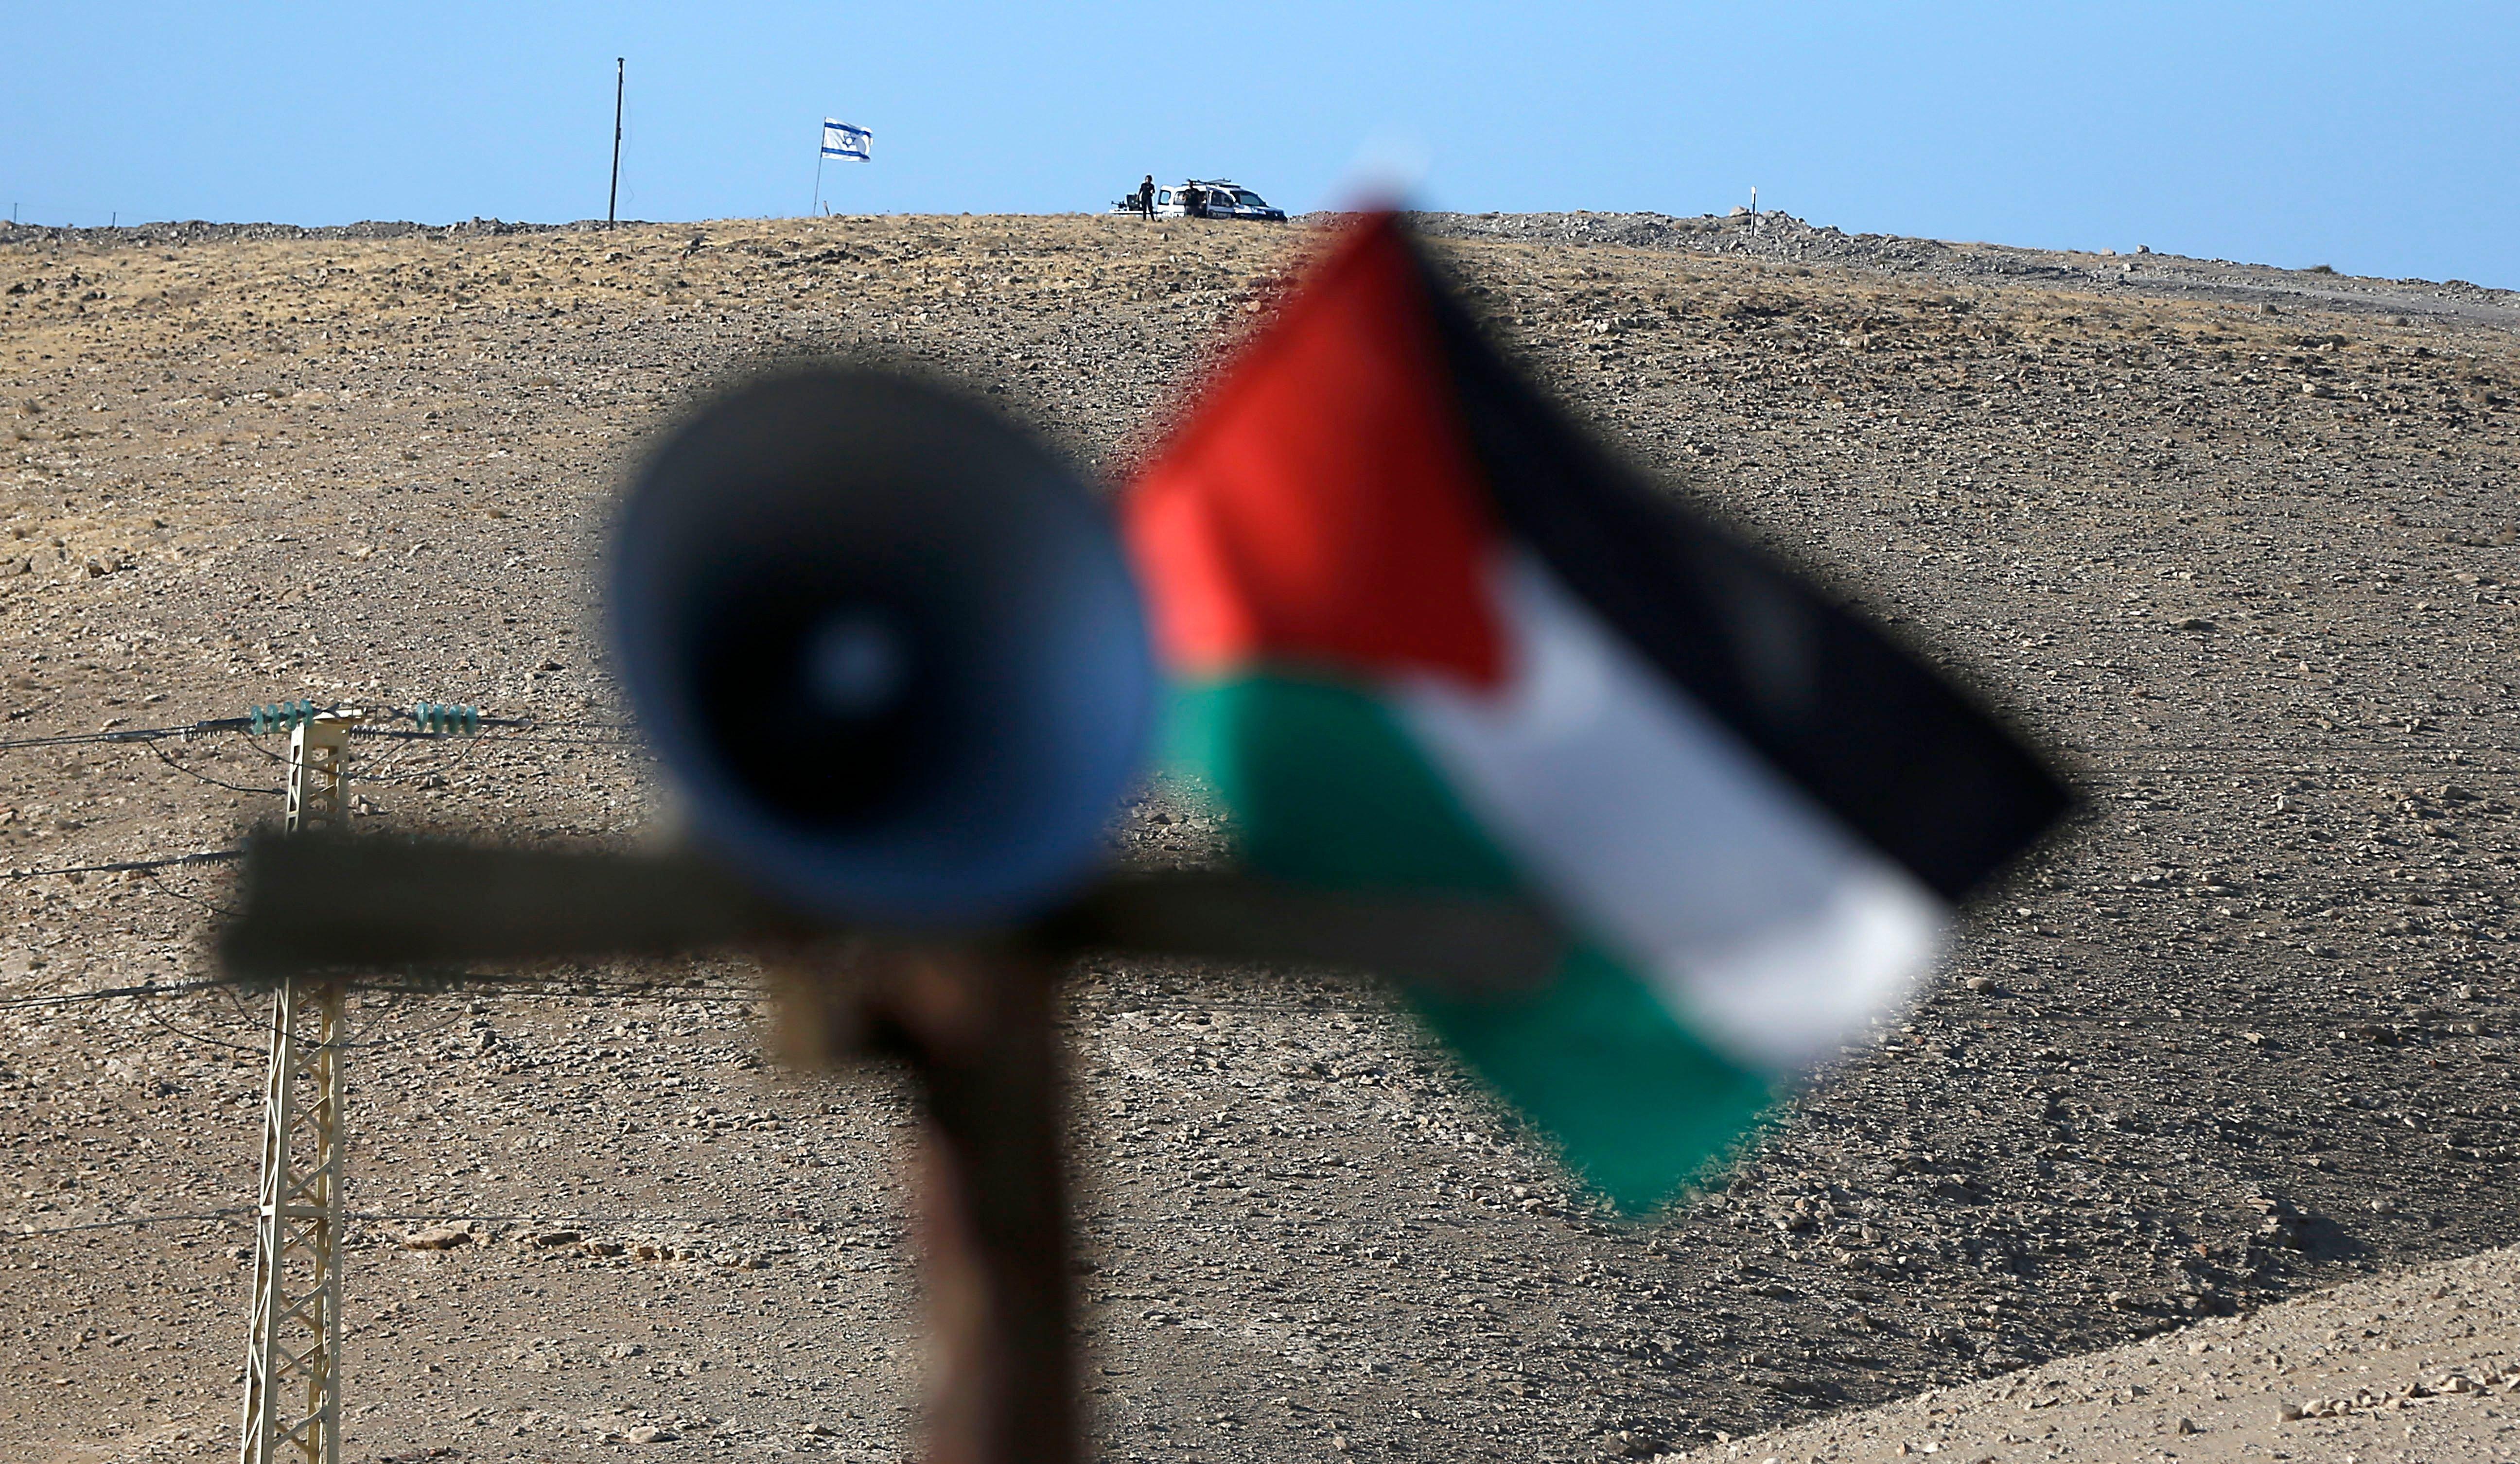 Το Ισραήλ ανακηρύσσεται σε «εβραϊκό έθνος-κράτος», αναγνωρίζει δικαίωμα αυτοδιάθεσης μόνο στους Εβραίους και διαγράφει την αρ...